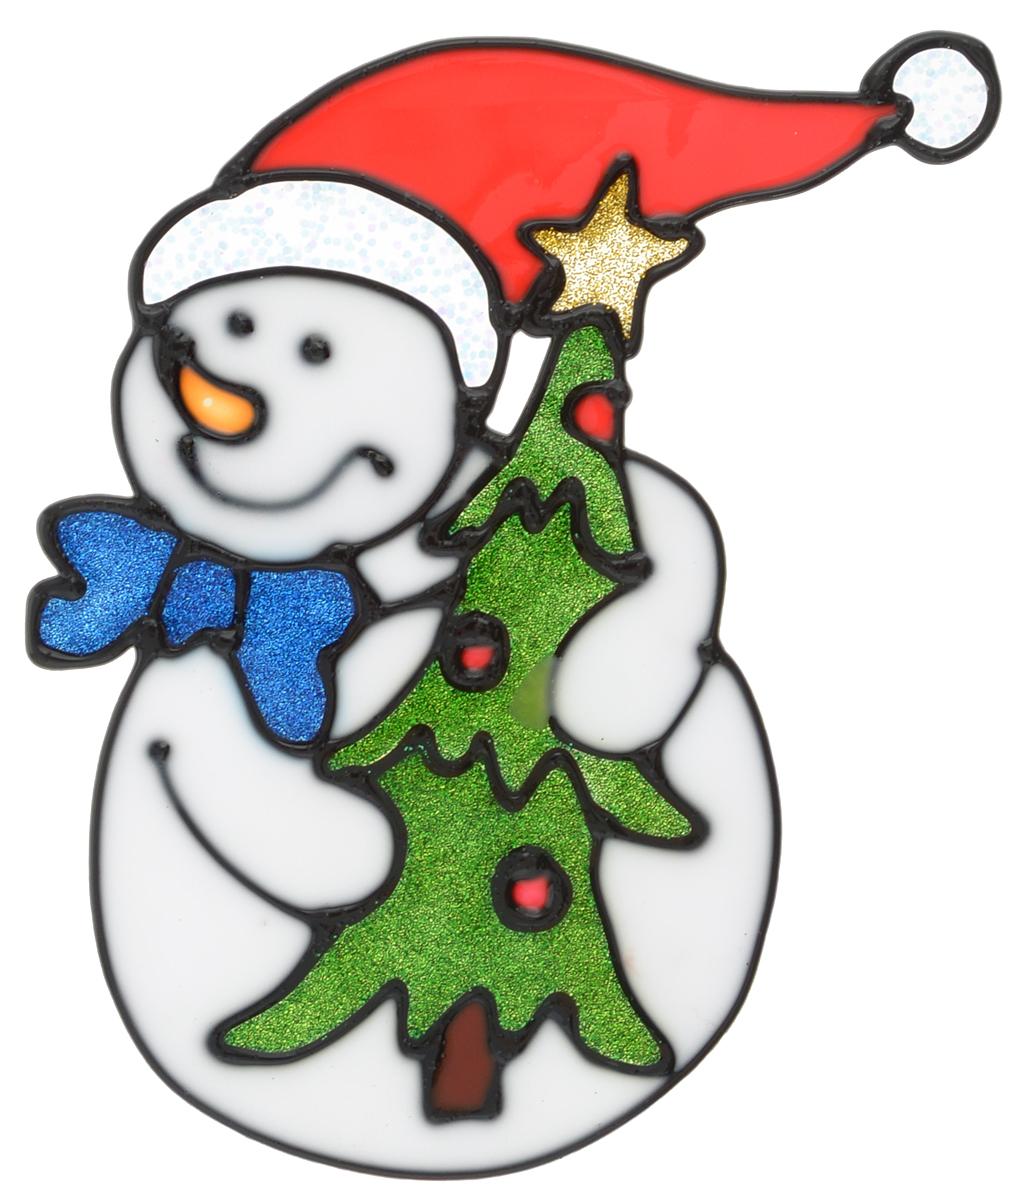 Наклейка на окно Erich Krause Ловкий снеговик, 13,5 х 11 см38505Наклейка на окно Erich Krause Ловкий снеговик выполнена в виде снеговика с елочкой. С помощью больших витражных наклеек на окно Erich Krause можно составлять на стекле целые зимние сюжеты, которые будут радовать глаз, и поднимать настроение в праздничные дни! Так же Вы можете преподнести этот сувенир в качестве мини-презента коллегам, близким и друзьям с пожеланиями счастливого Нового Года! Размер наклейки: 13,5 х 11 см